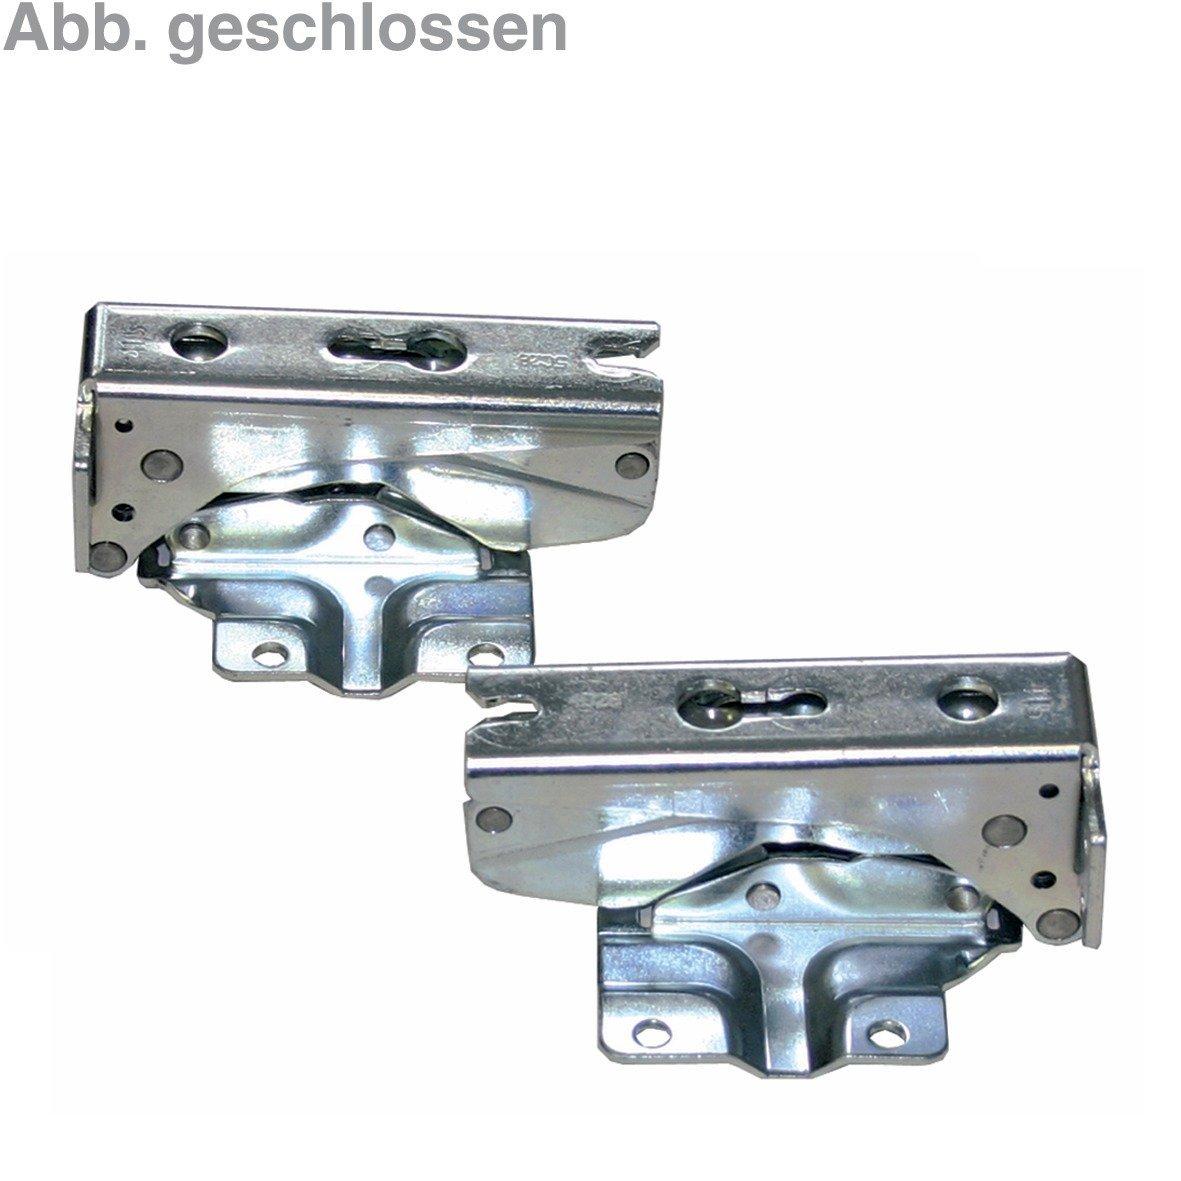 VIOKS T/ürscharnier T/ürscharnier-Einbau Scharnier T/ürscharnier-Set wie Bosch Siemens 00481147